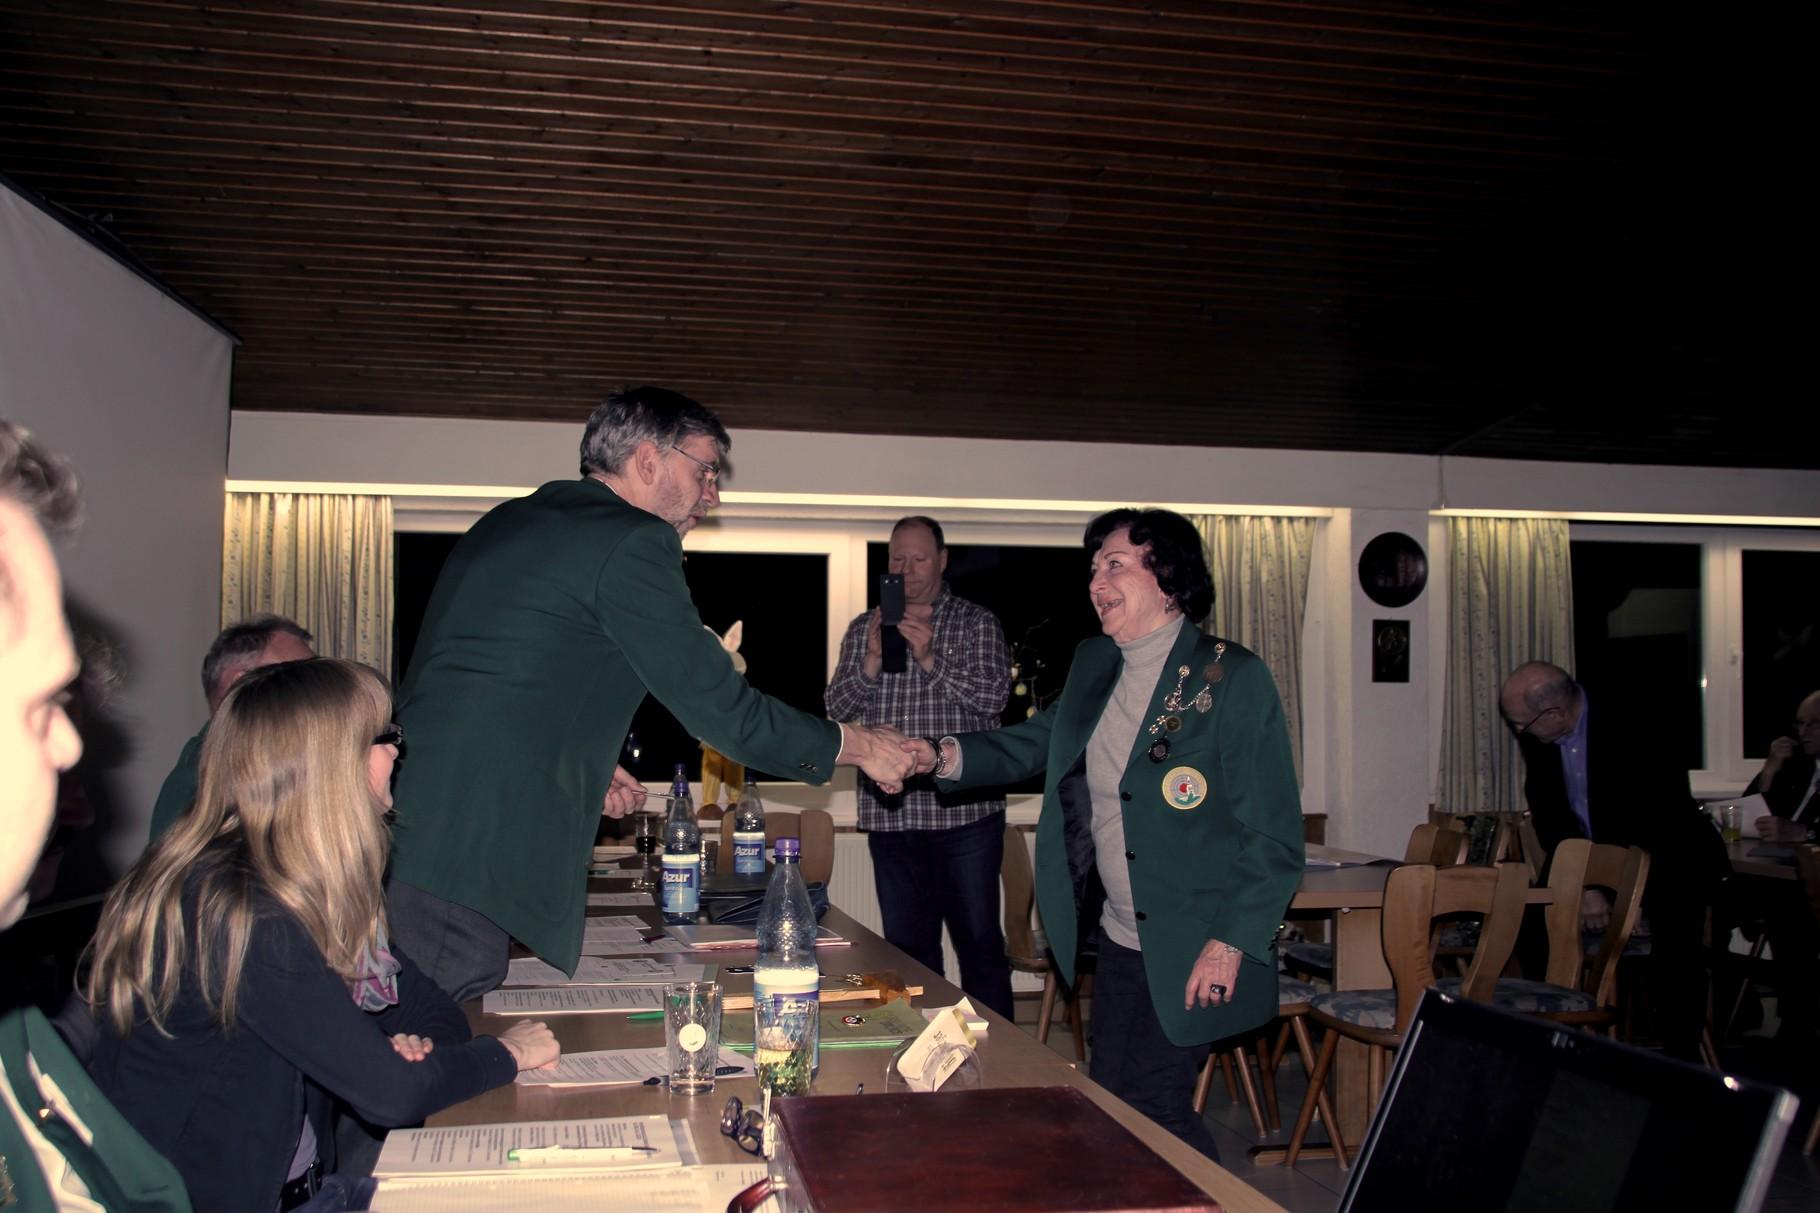 Geehrt wird Ursula Bennert für ihre 20jährige Mitgliedschaft